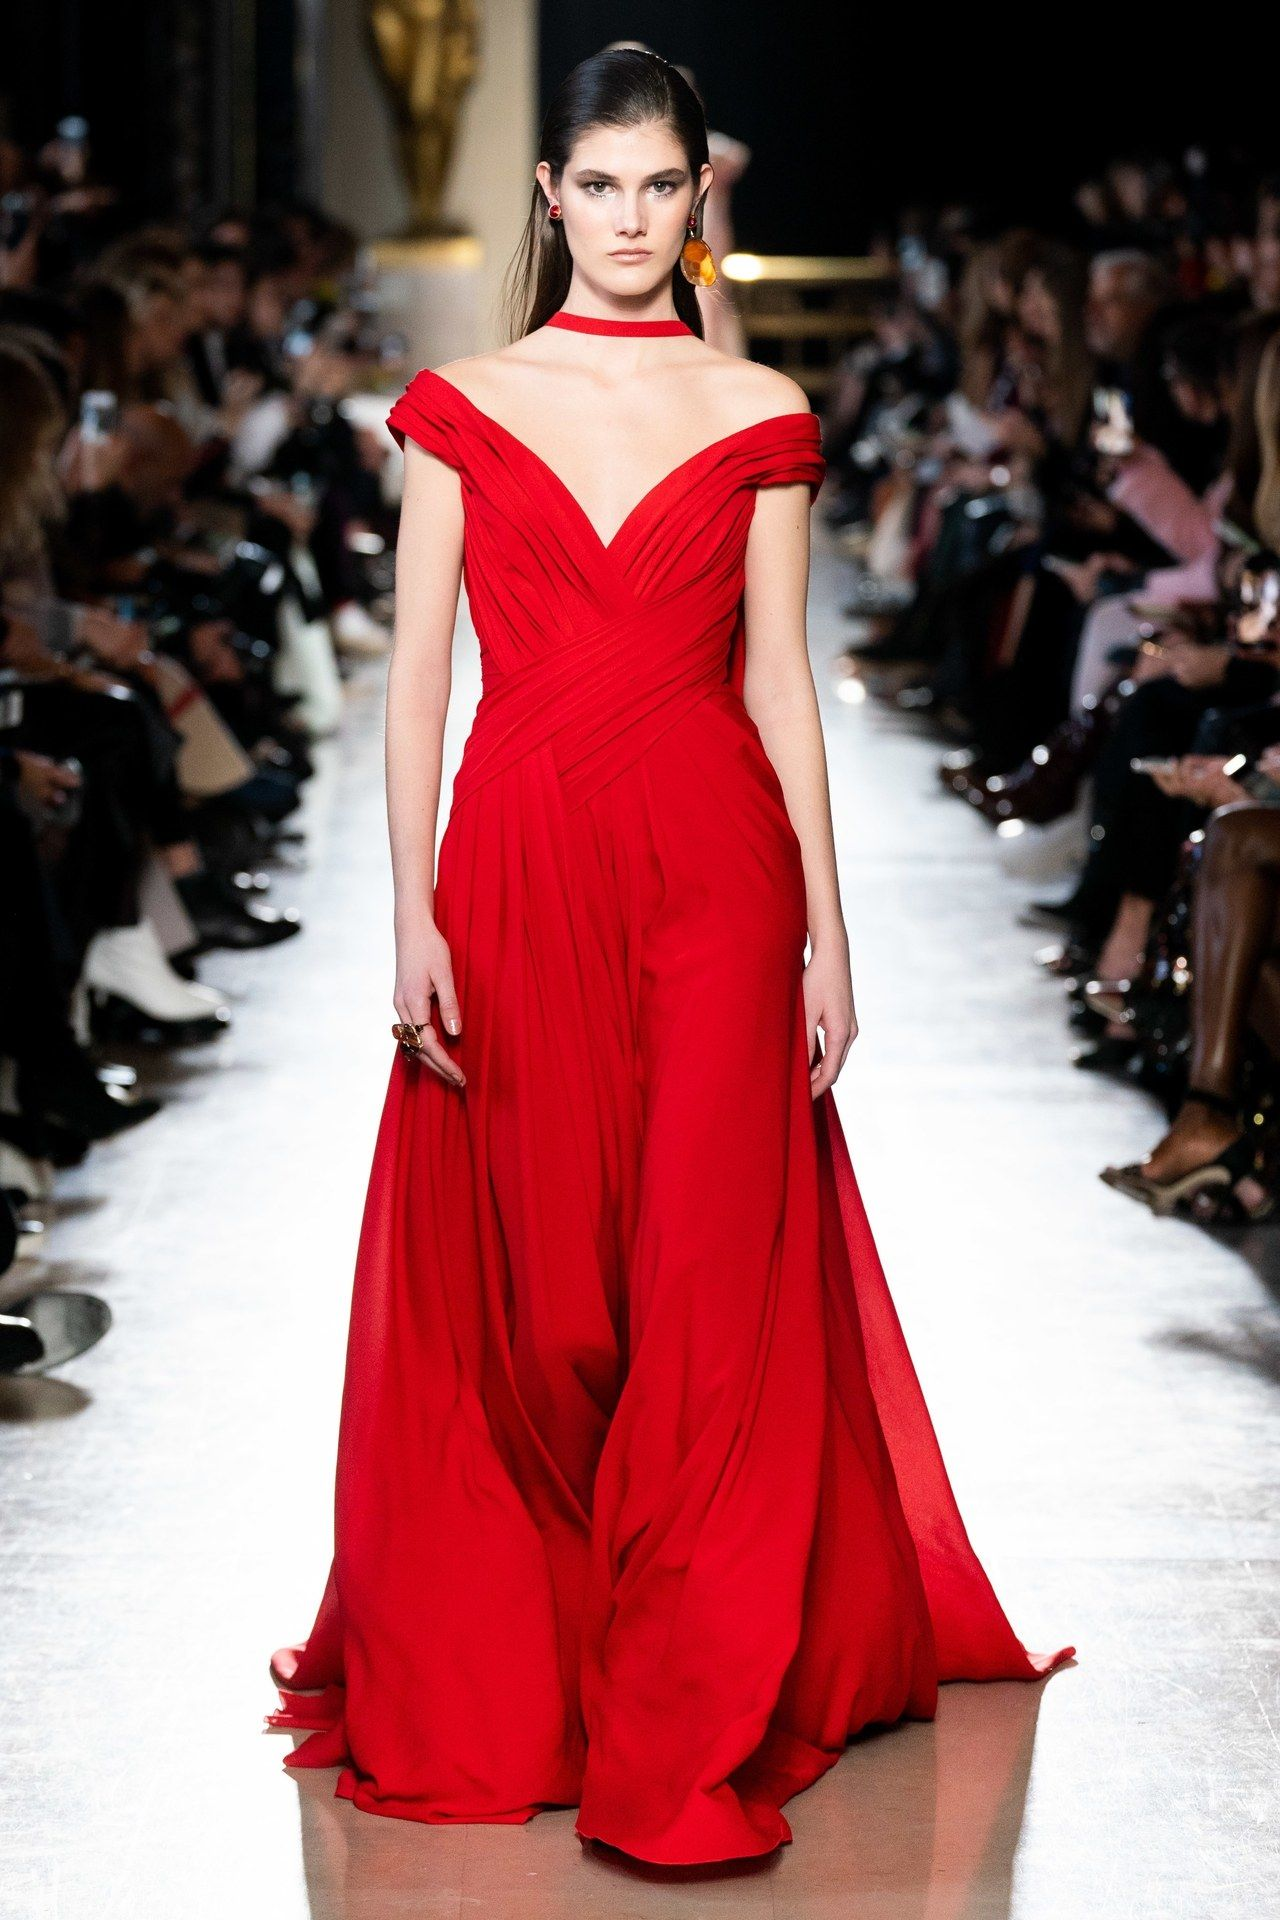 Elie Saab Frühjahr/Sommer 2019 Haute Couture - Kollektion ...